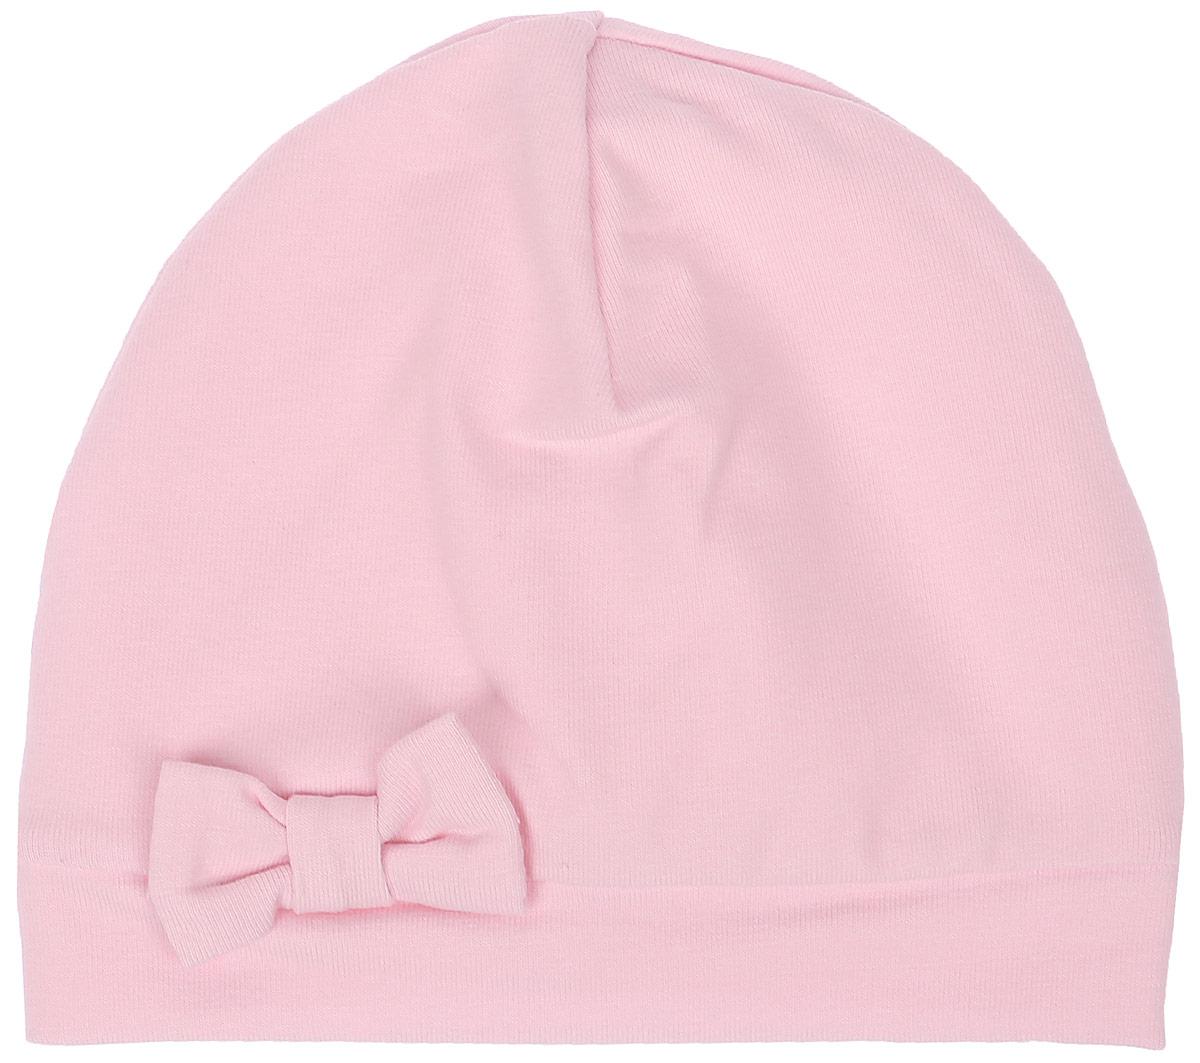 Шапочка для девочки СовенокЯ Розовая зебра, цвет: розовый. 33-592. Размер 4033-592Детская шапочка СовенокЯ изготовлена из натурального хлопка. Тонкая шапочка выполнена из двойного трикотажа. Спереди модель дополнена декоративным бантиком. Уважаемые клиенты! Размер, доступный для заказа, является обхватом головы.